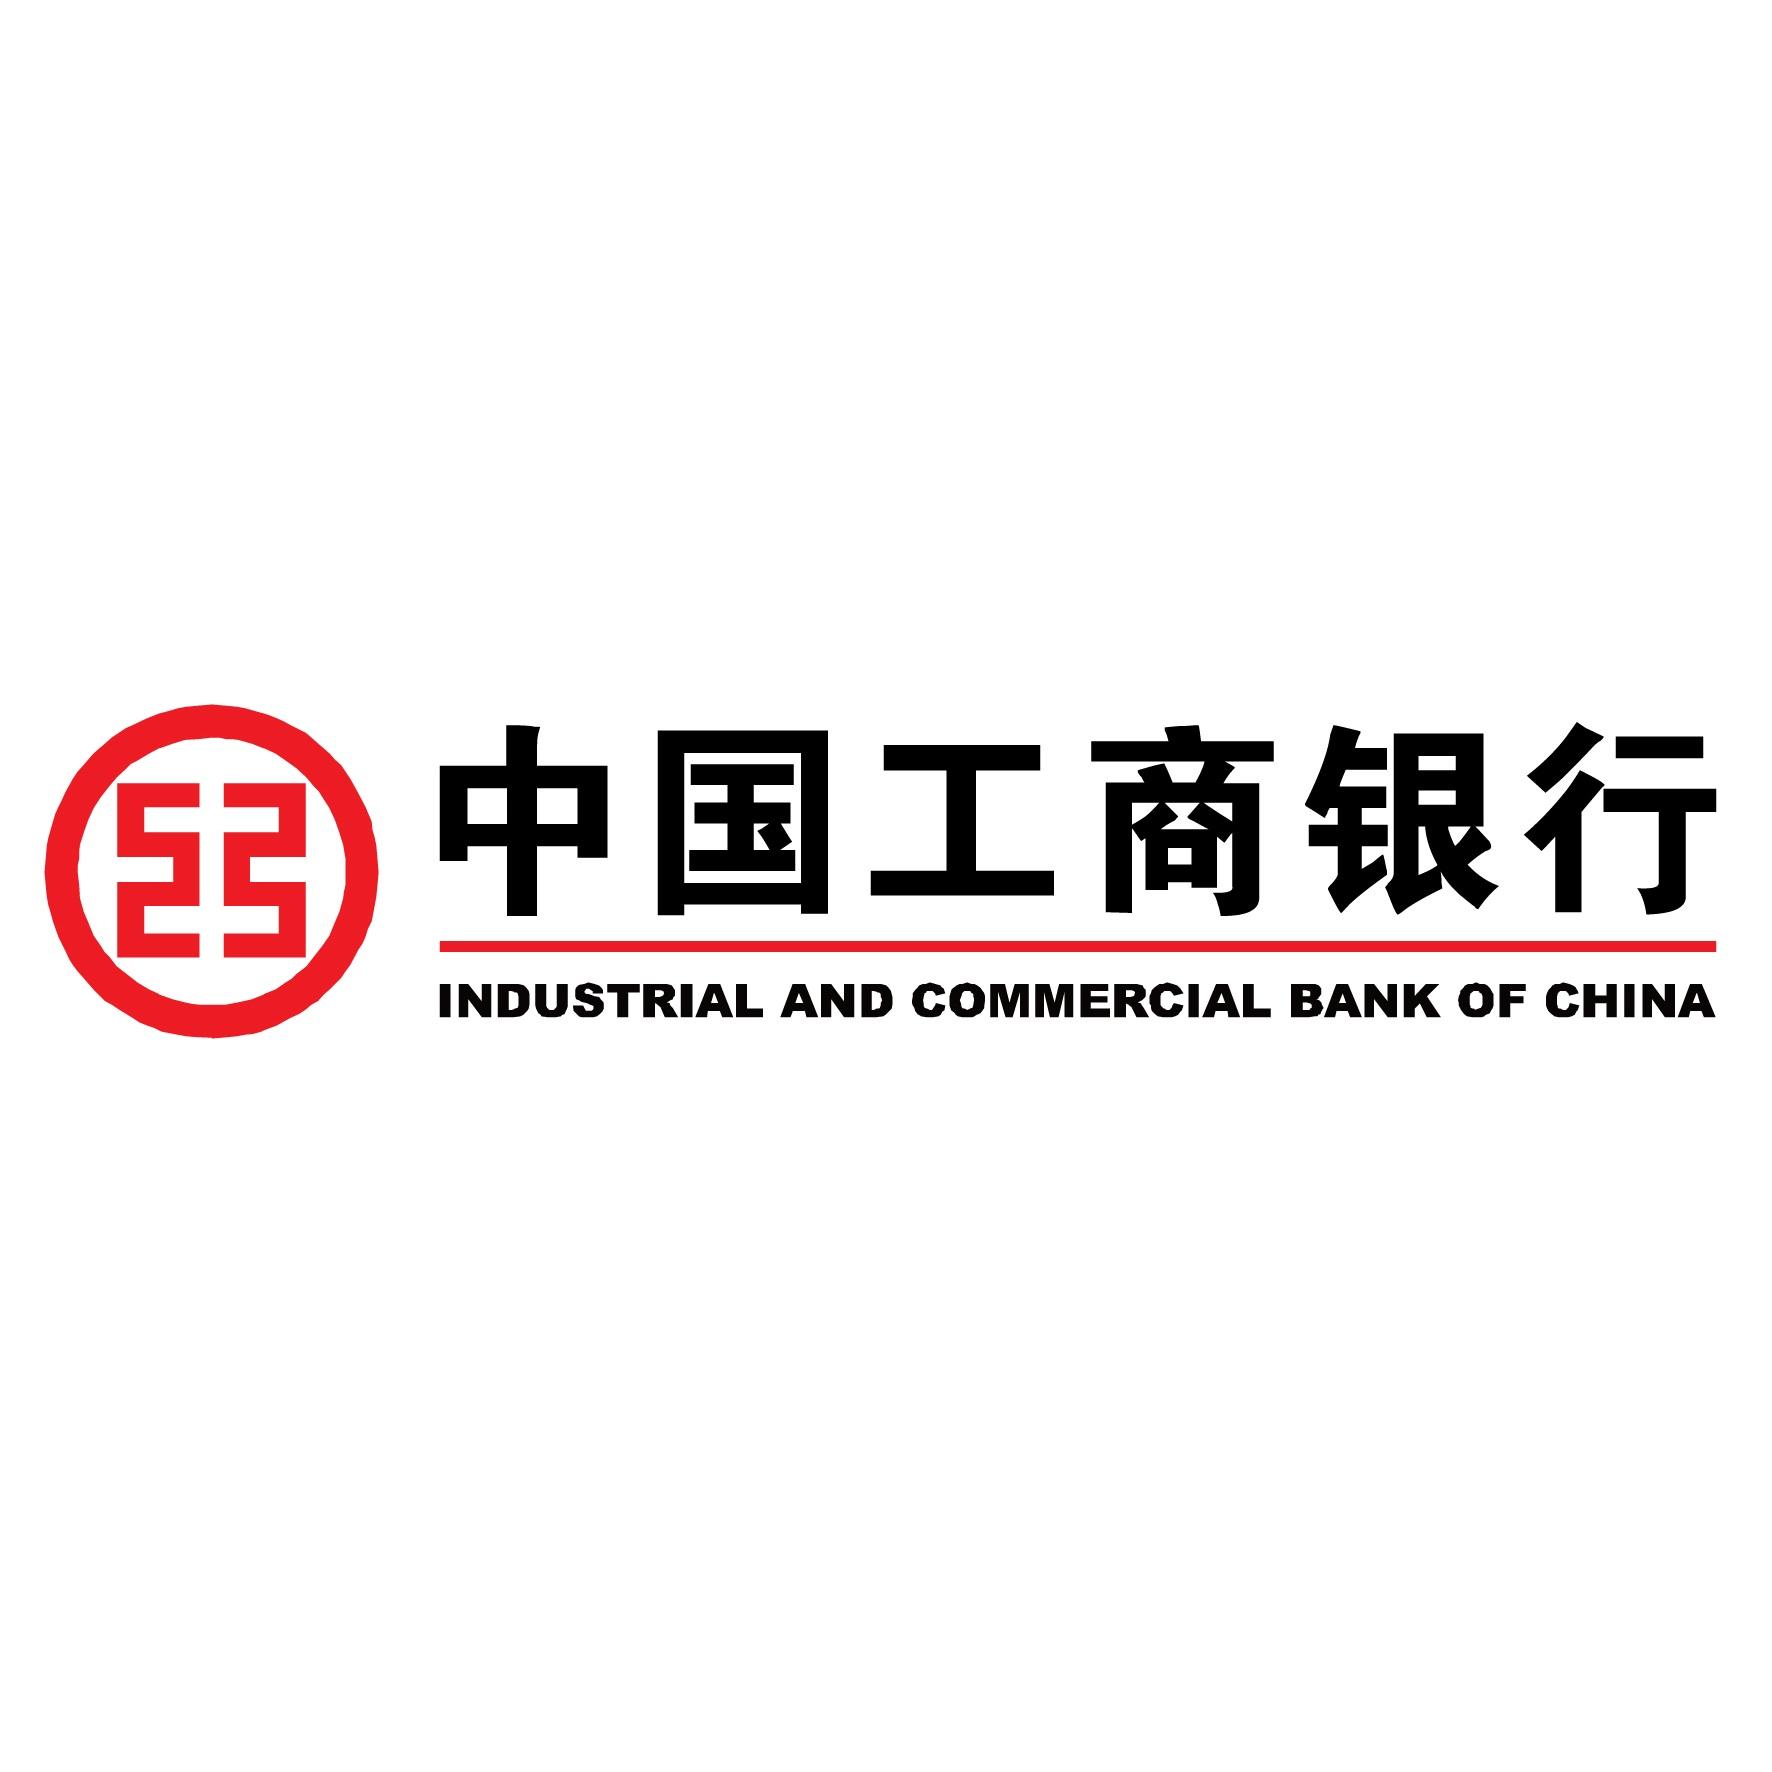 工商银行开卡要钱吗_办理中国工商银行储蓄卡-如何办理工行借记卡?